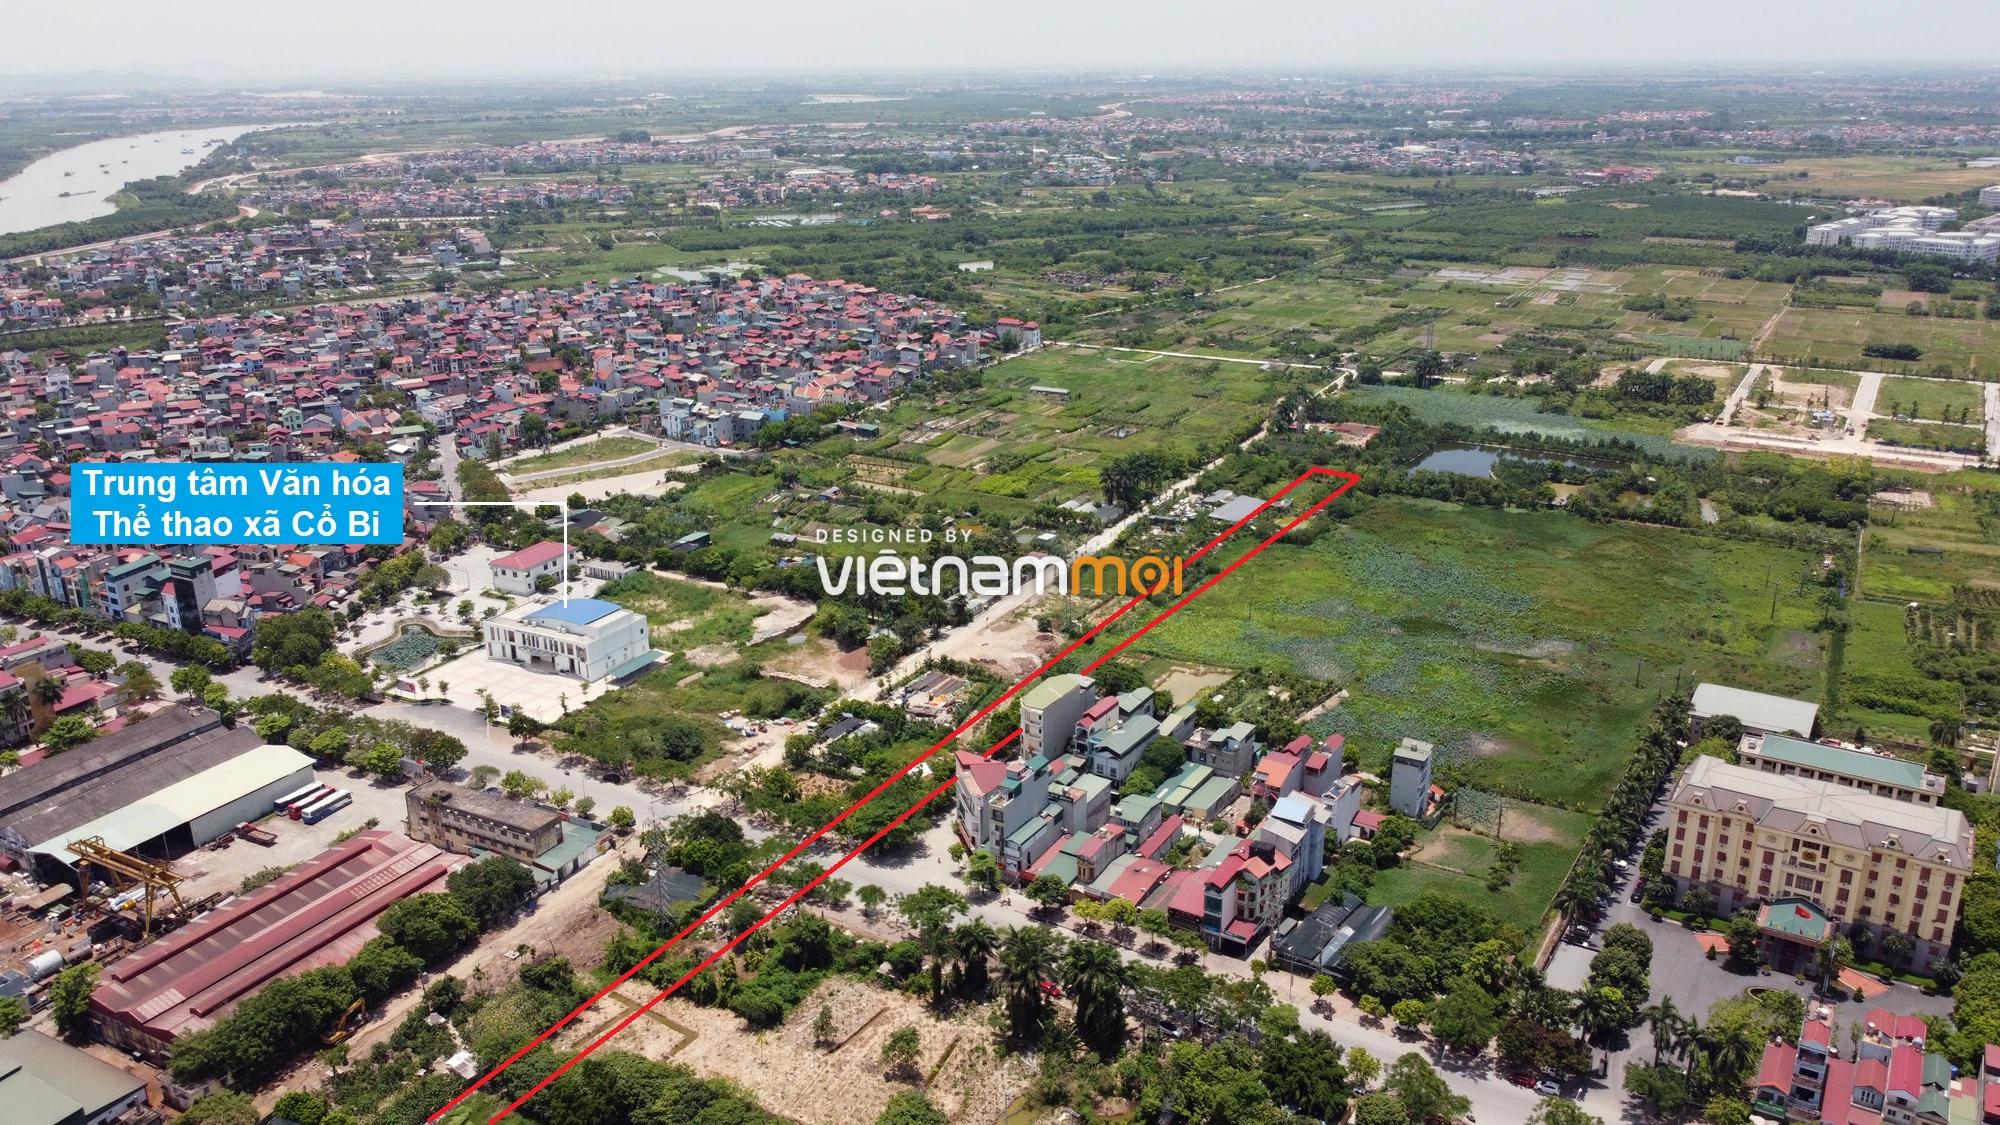 Đường sẽ mở theo quy hoạch ở xã Cổ Bi, Gia Lâm, Hà Nội (phần 2) - Ảnh 3.